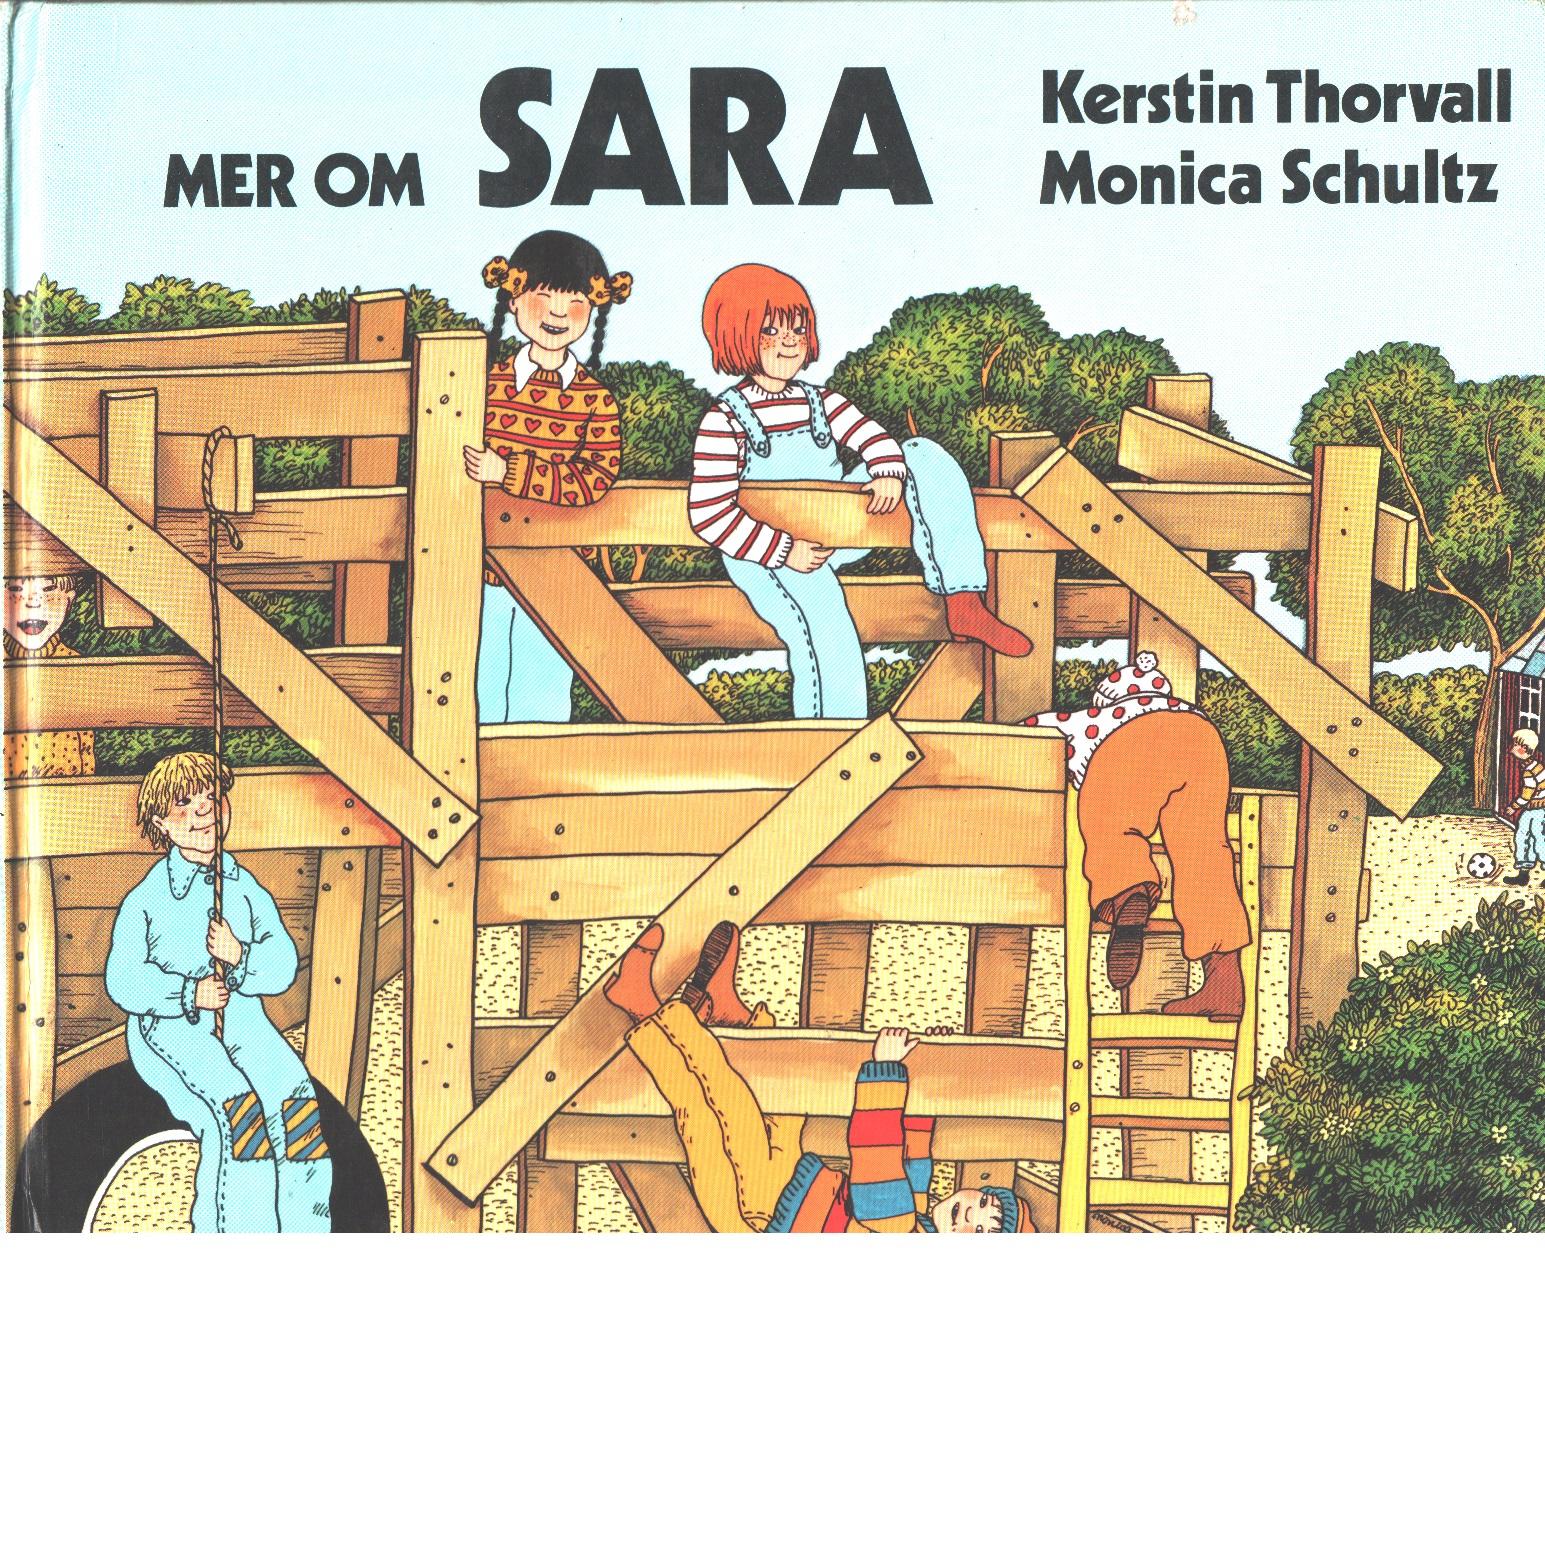 Mer om Sara - Thorvall, Kerstin och Schultz, Monica